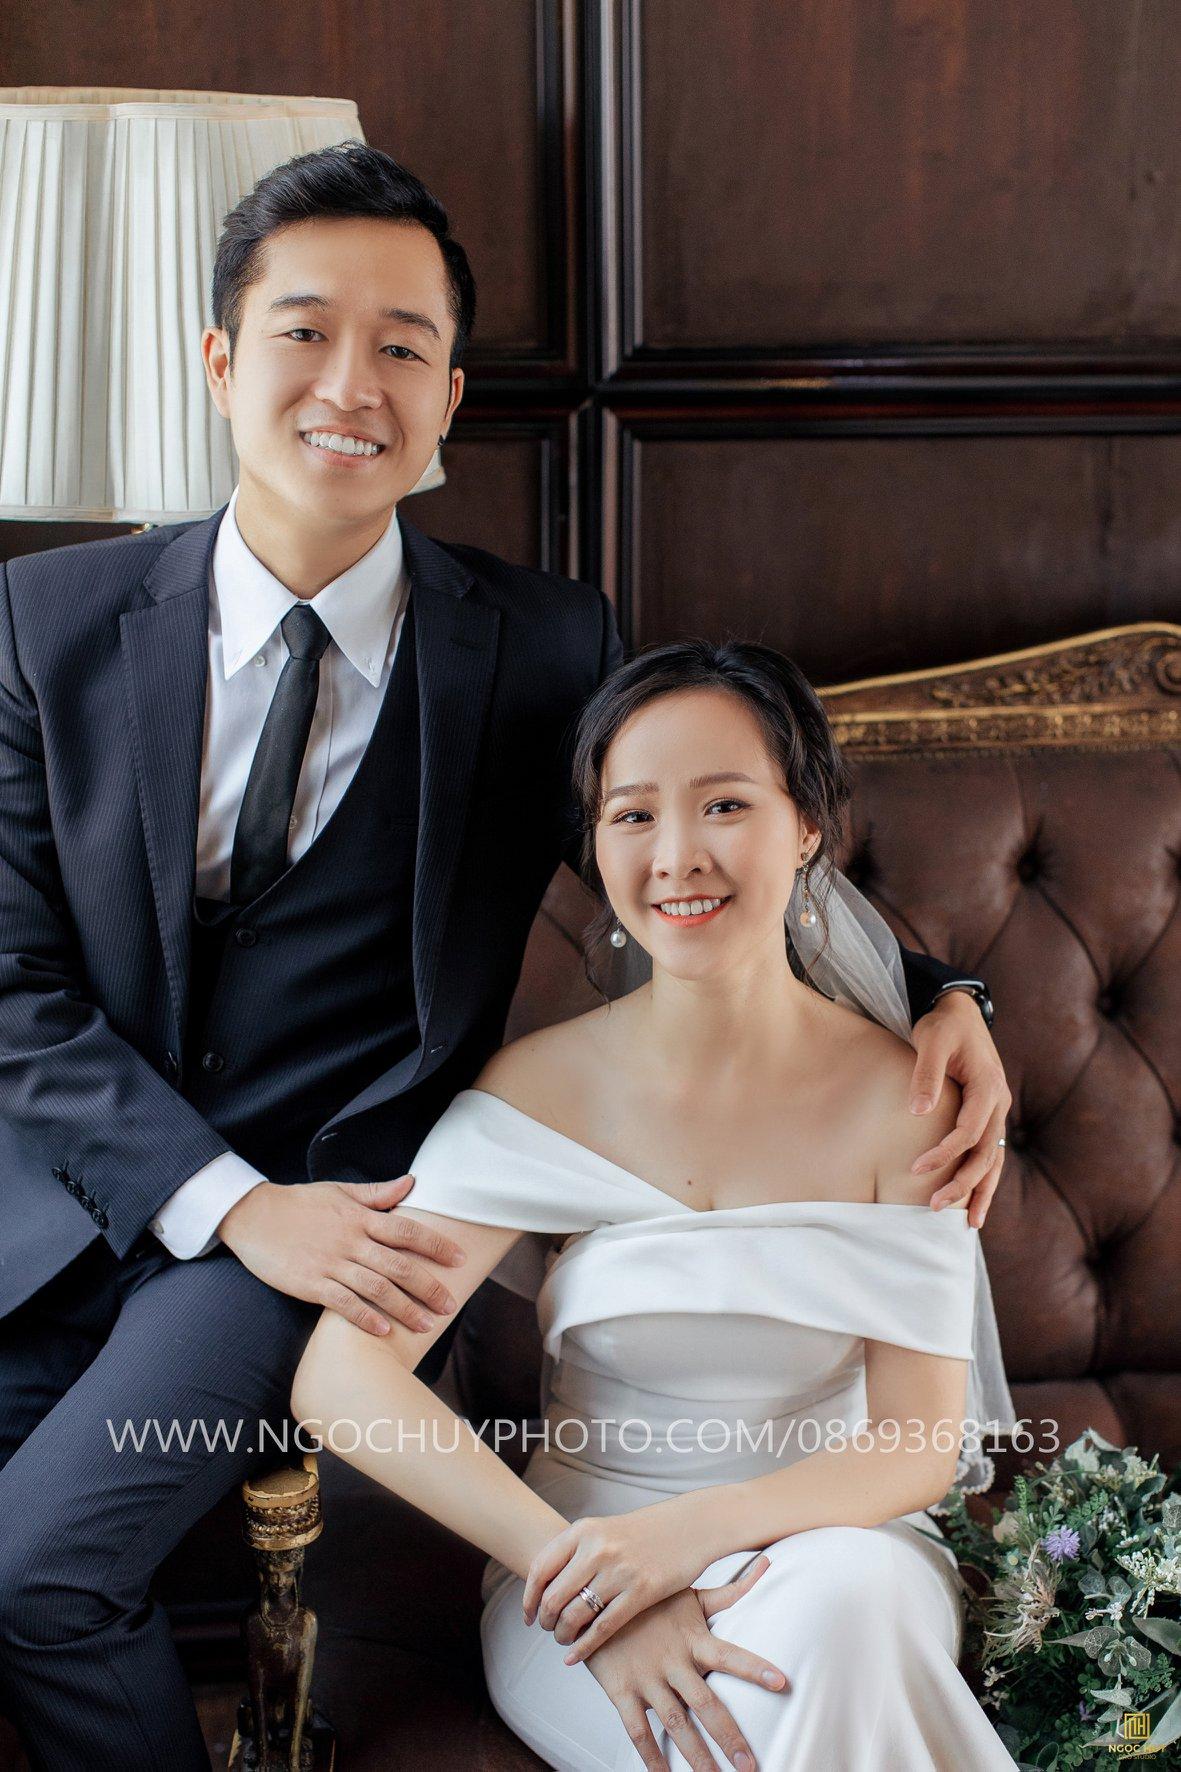 Ảnh cưới phim trường Ngọc Huy Studio 5